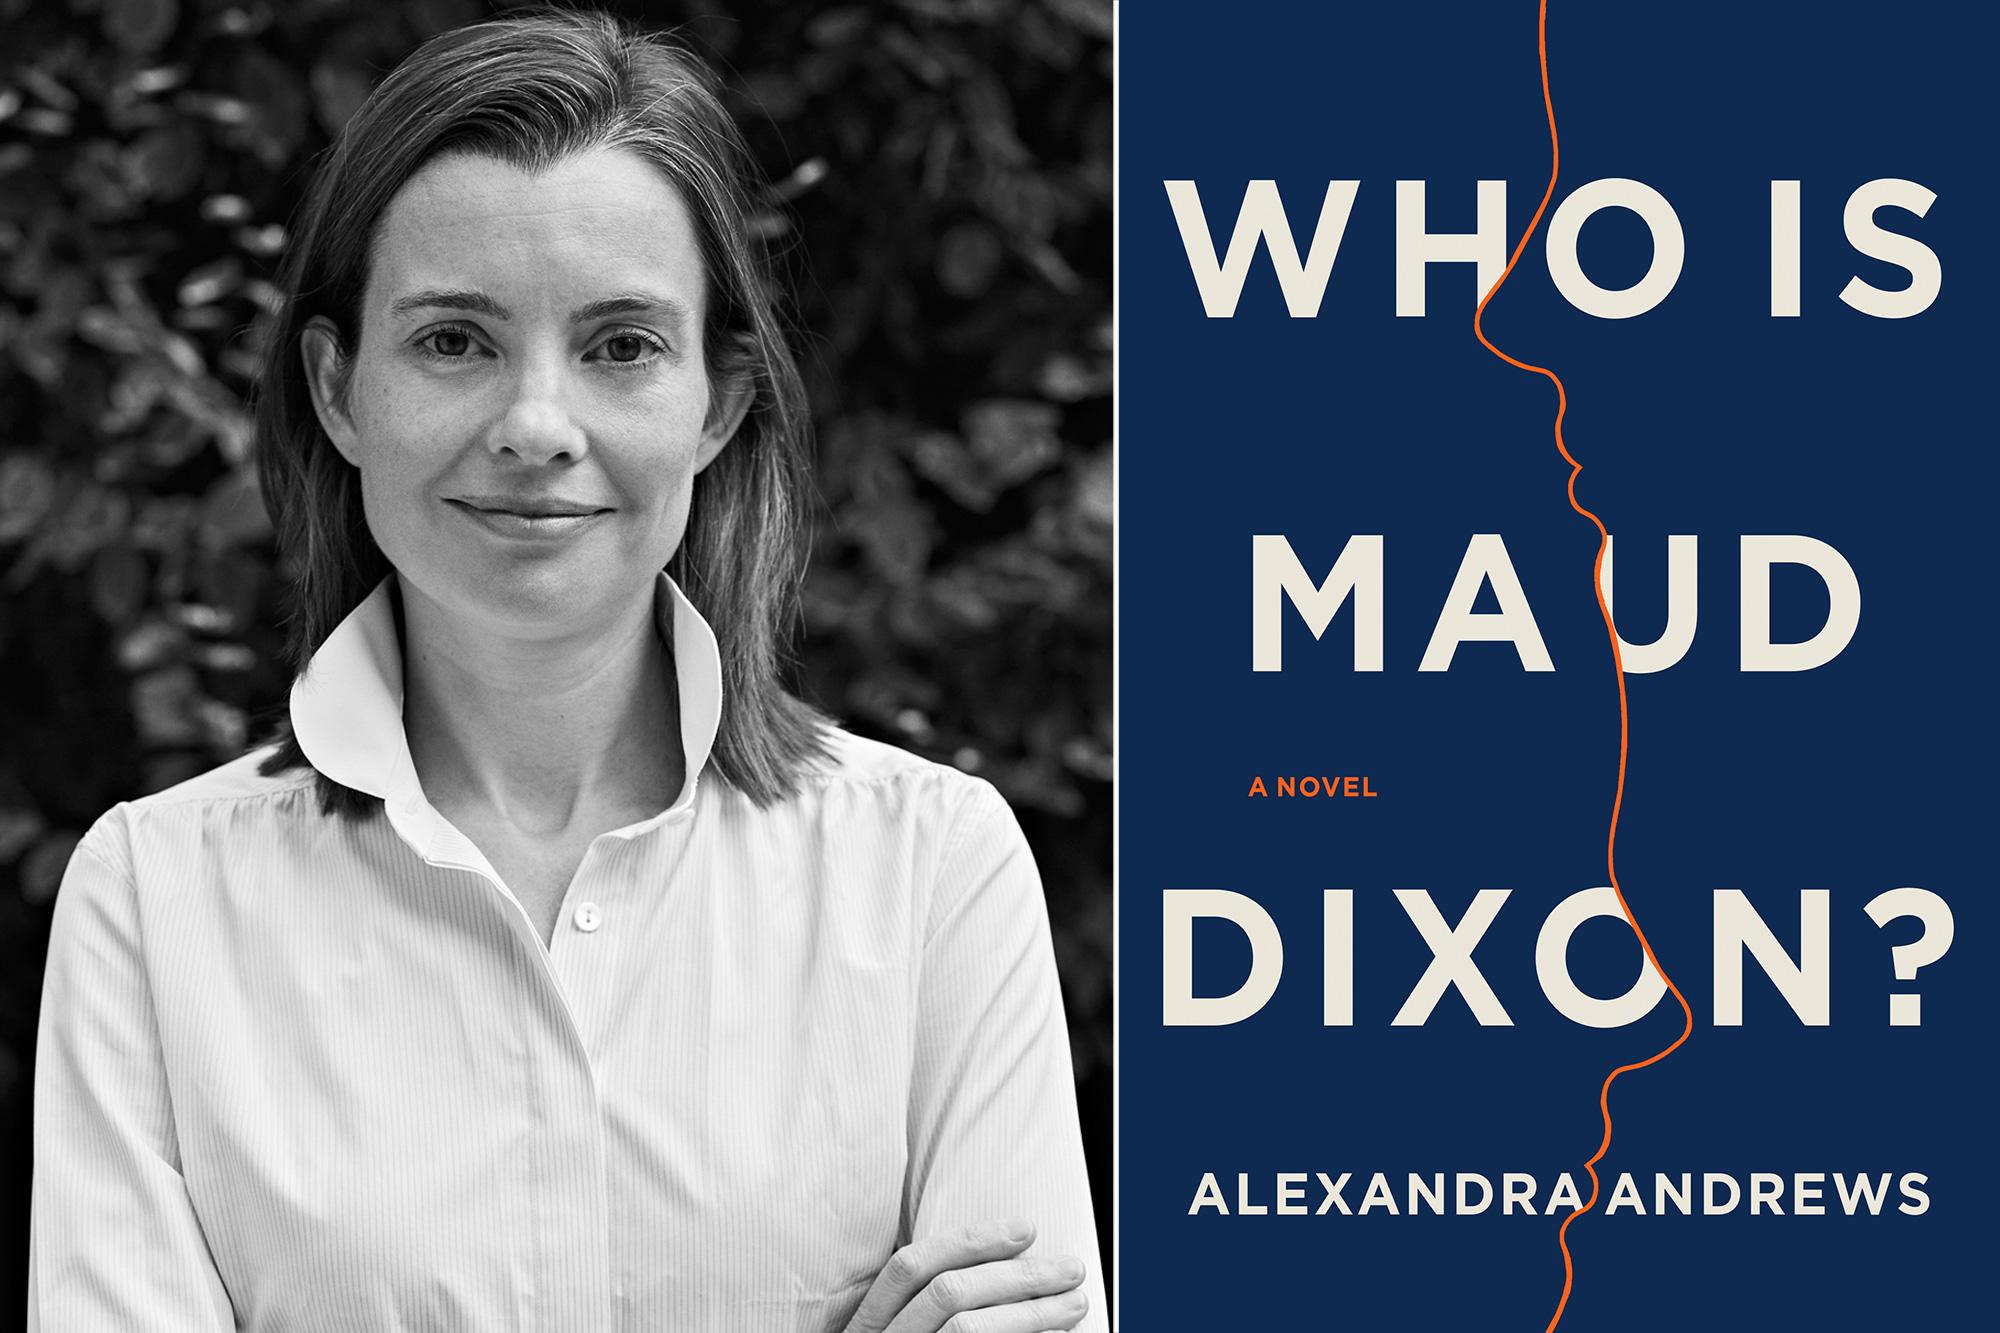 Alexandra Andrews, Who Is Maud Dixon